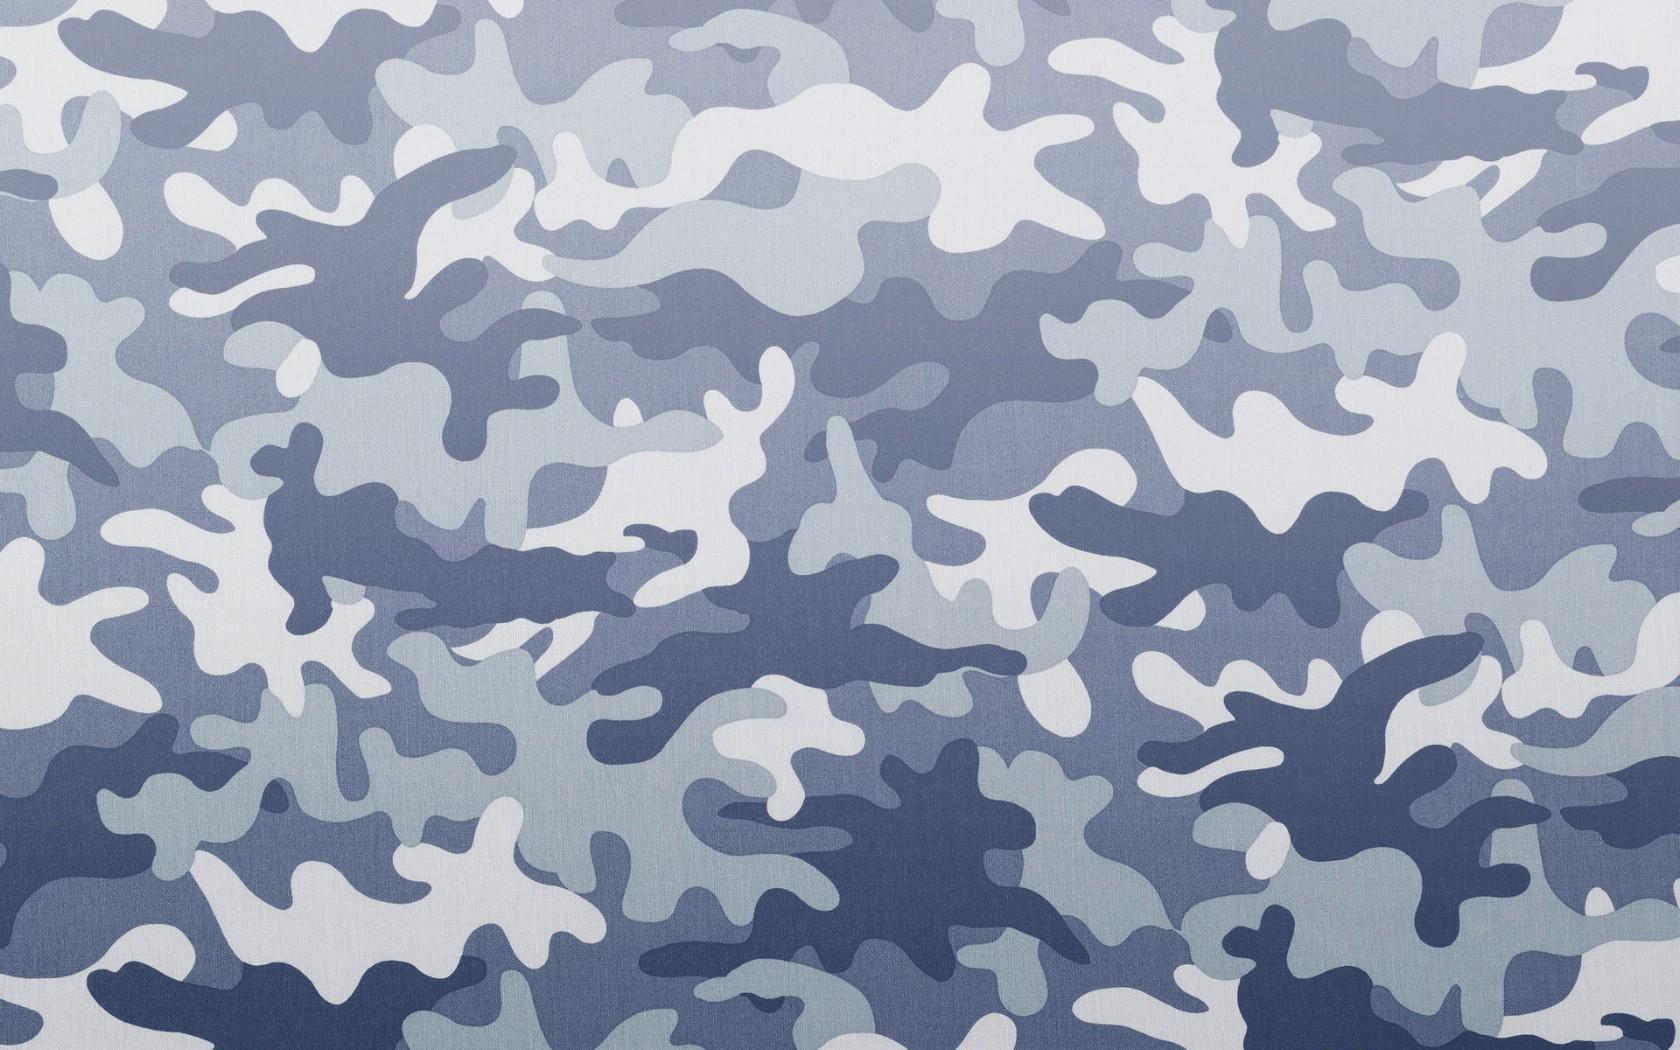 壁纸1680×1050Snow Leopard自带 2 7壁纸 Snow Leopard自带壁纸图片系统壁纸系统图片素材桌面壁纸